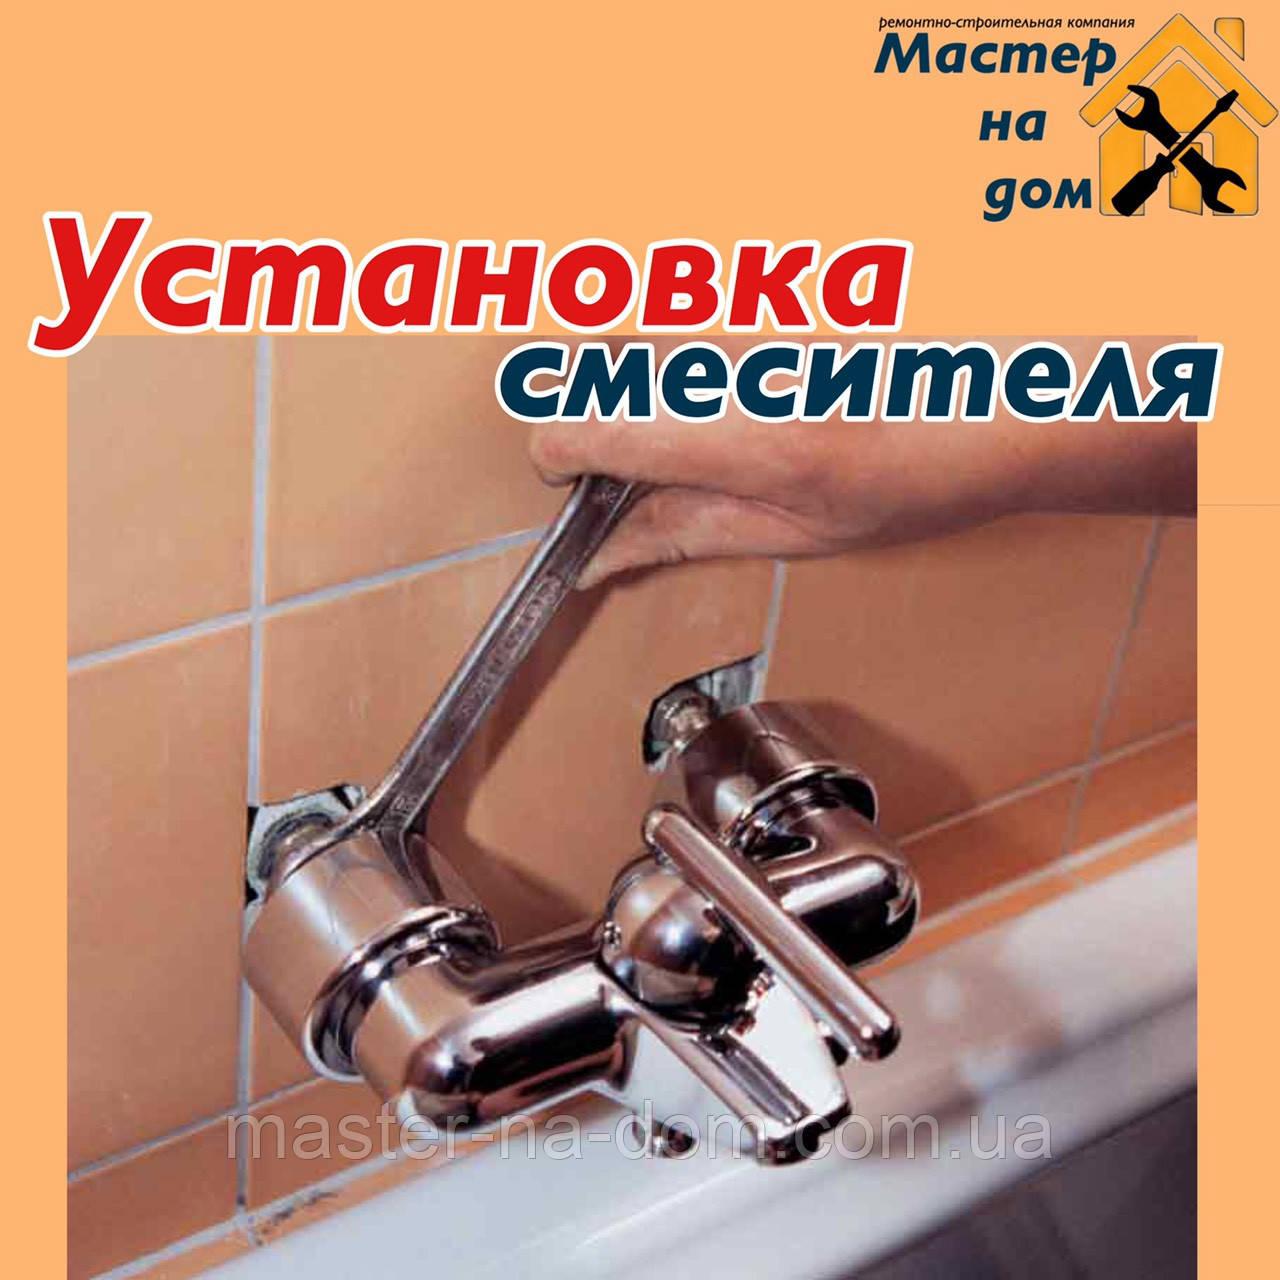 Установка смесителя в Ровном, фото 1